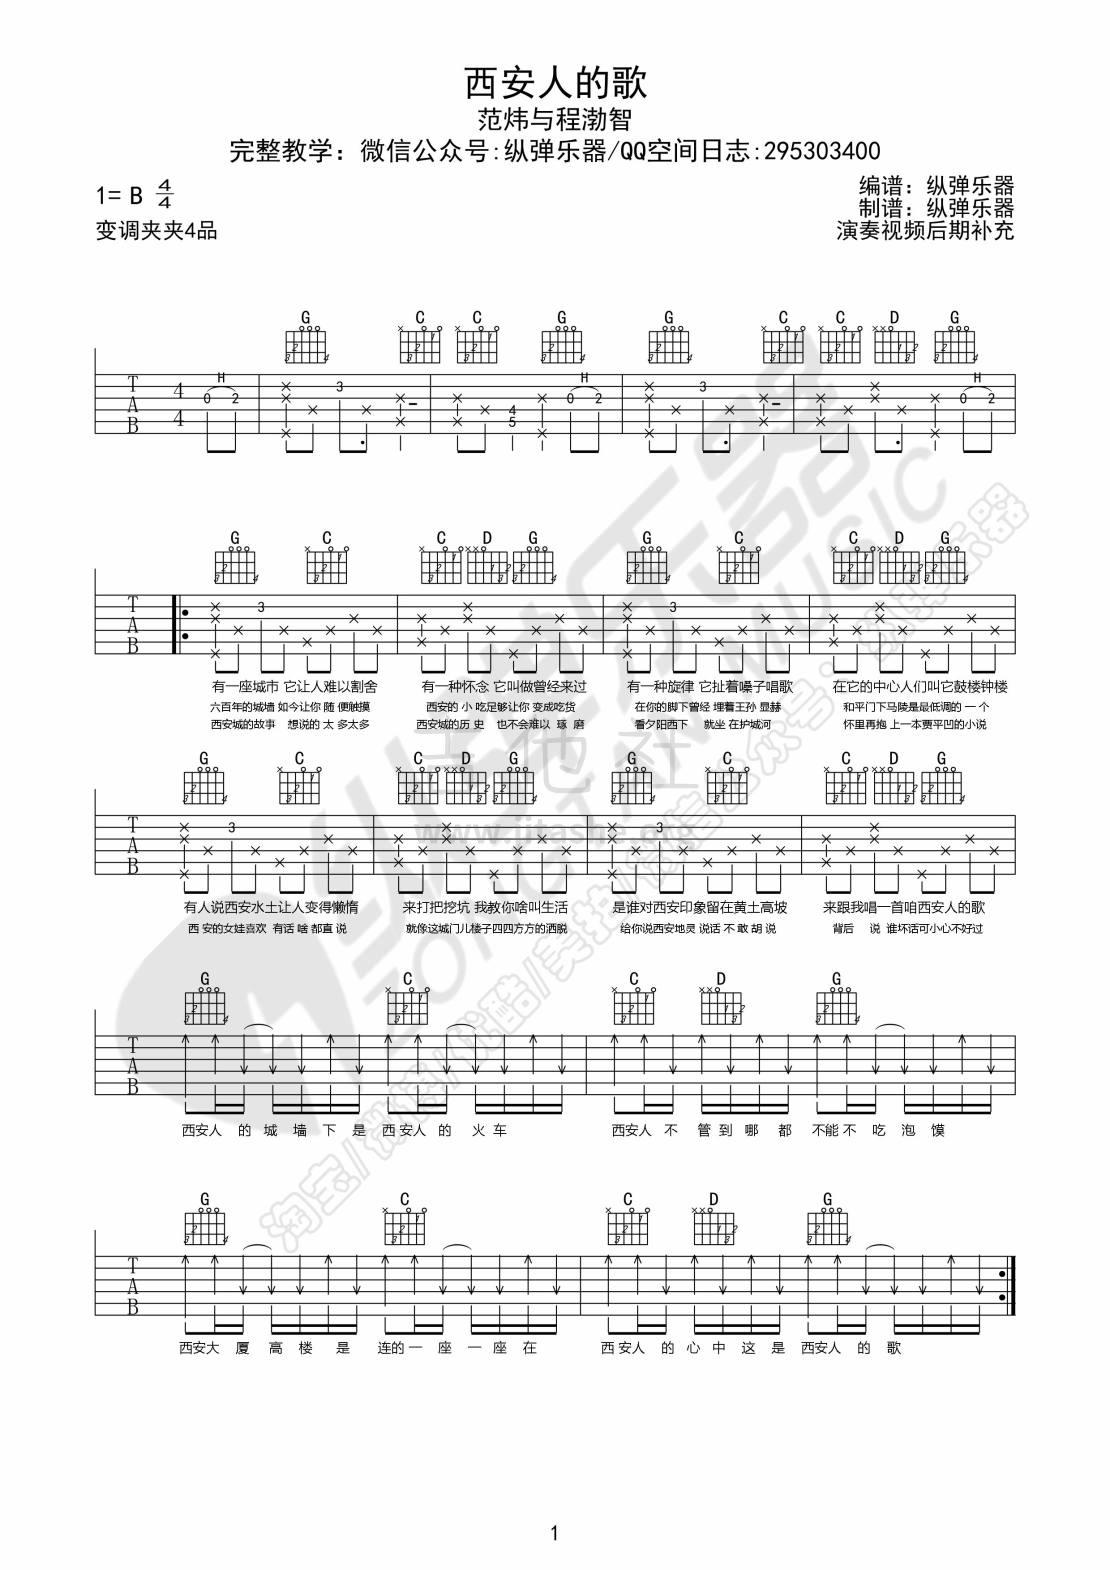 西安人的歌吉他谱(图片谱,弹唱,伴奏,纵弹乐器)_范炜与程渤智_西安人的歌011.jpg